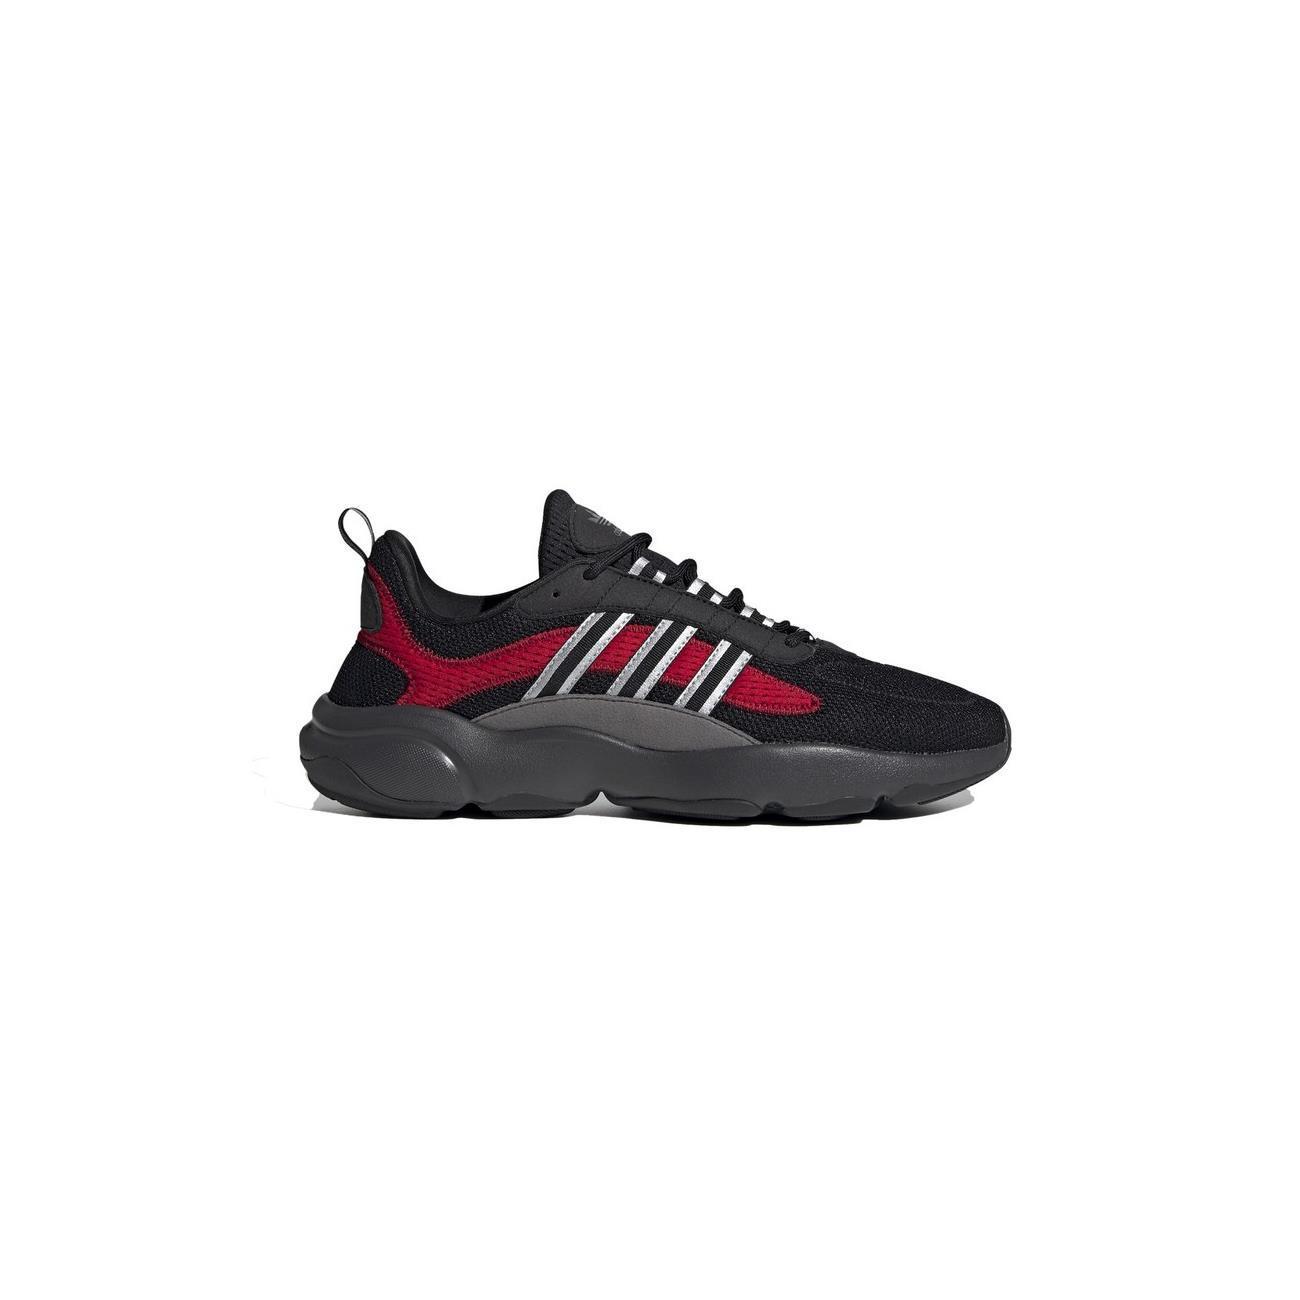 Adidas Erkek Ayakkabı Fiyatları